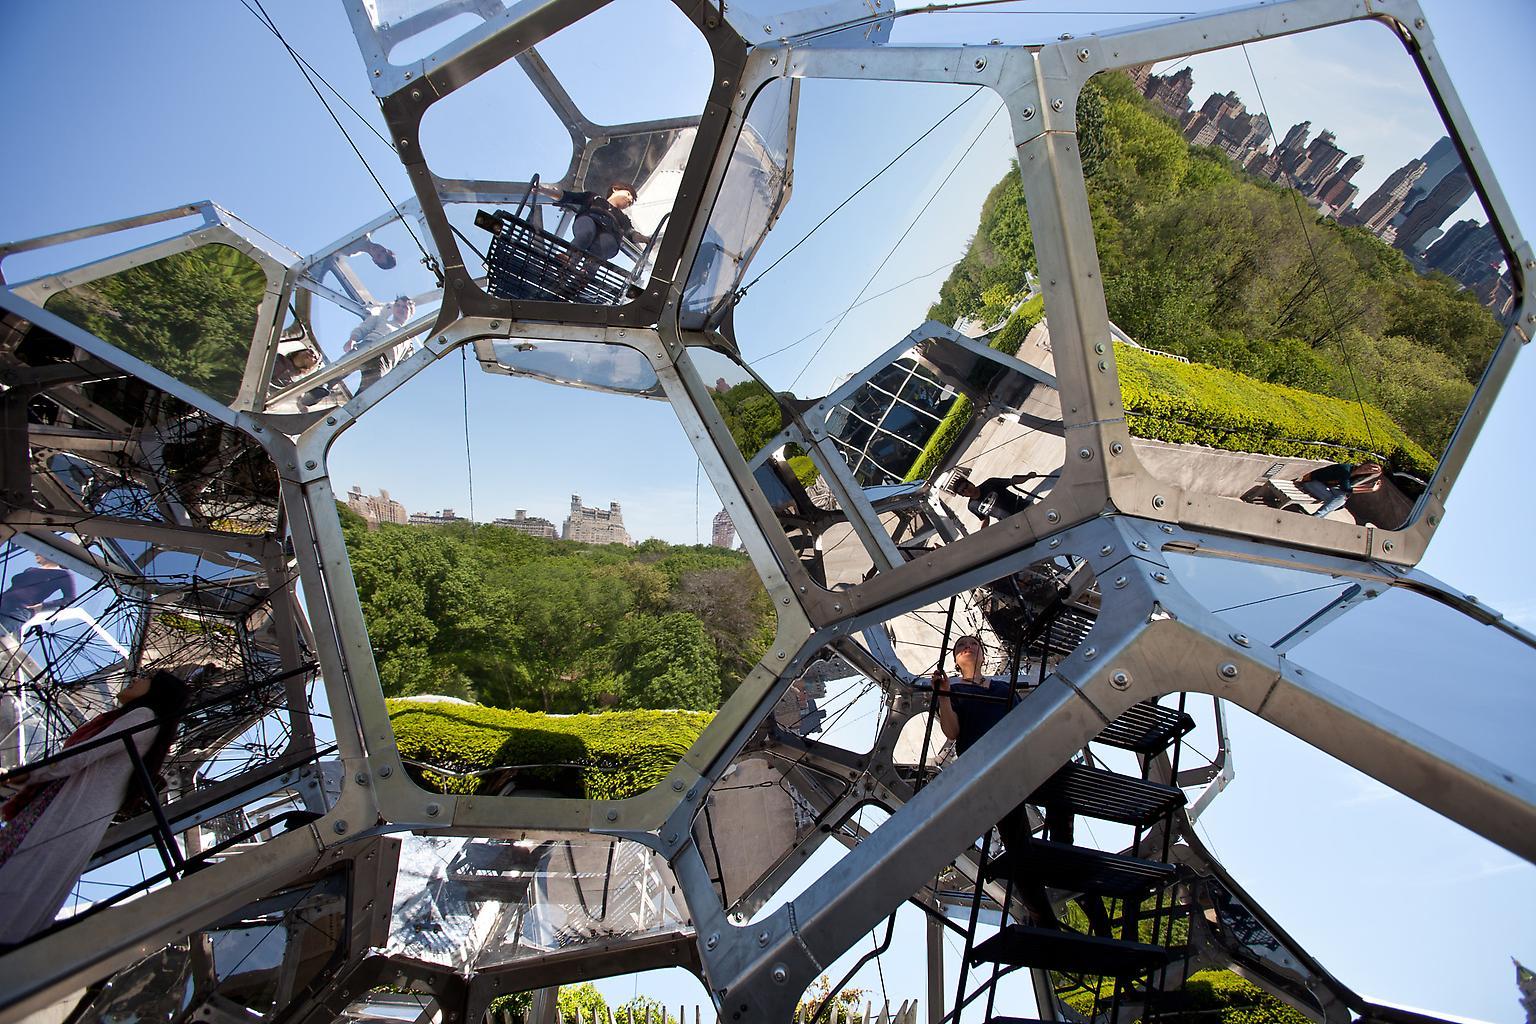 Tomas Saraceno Cloud City 2012 Installation at The...